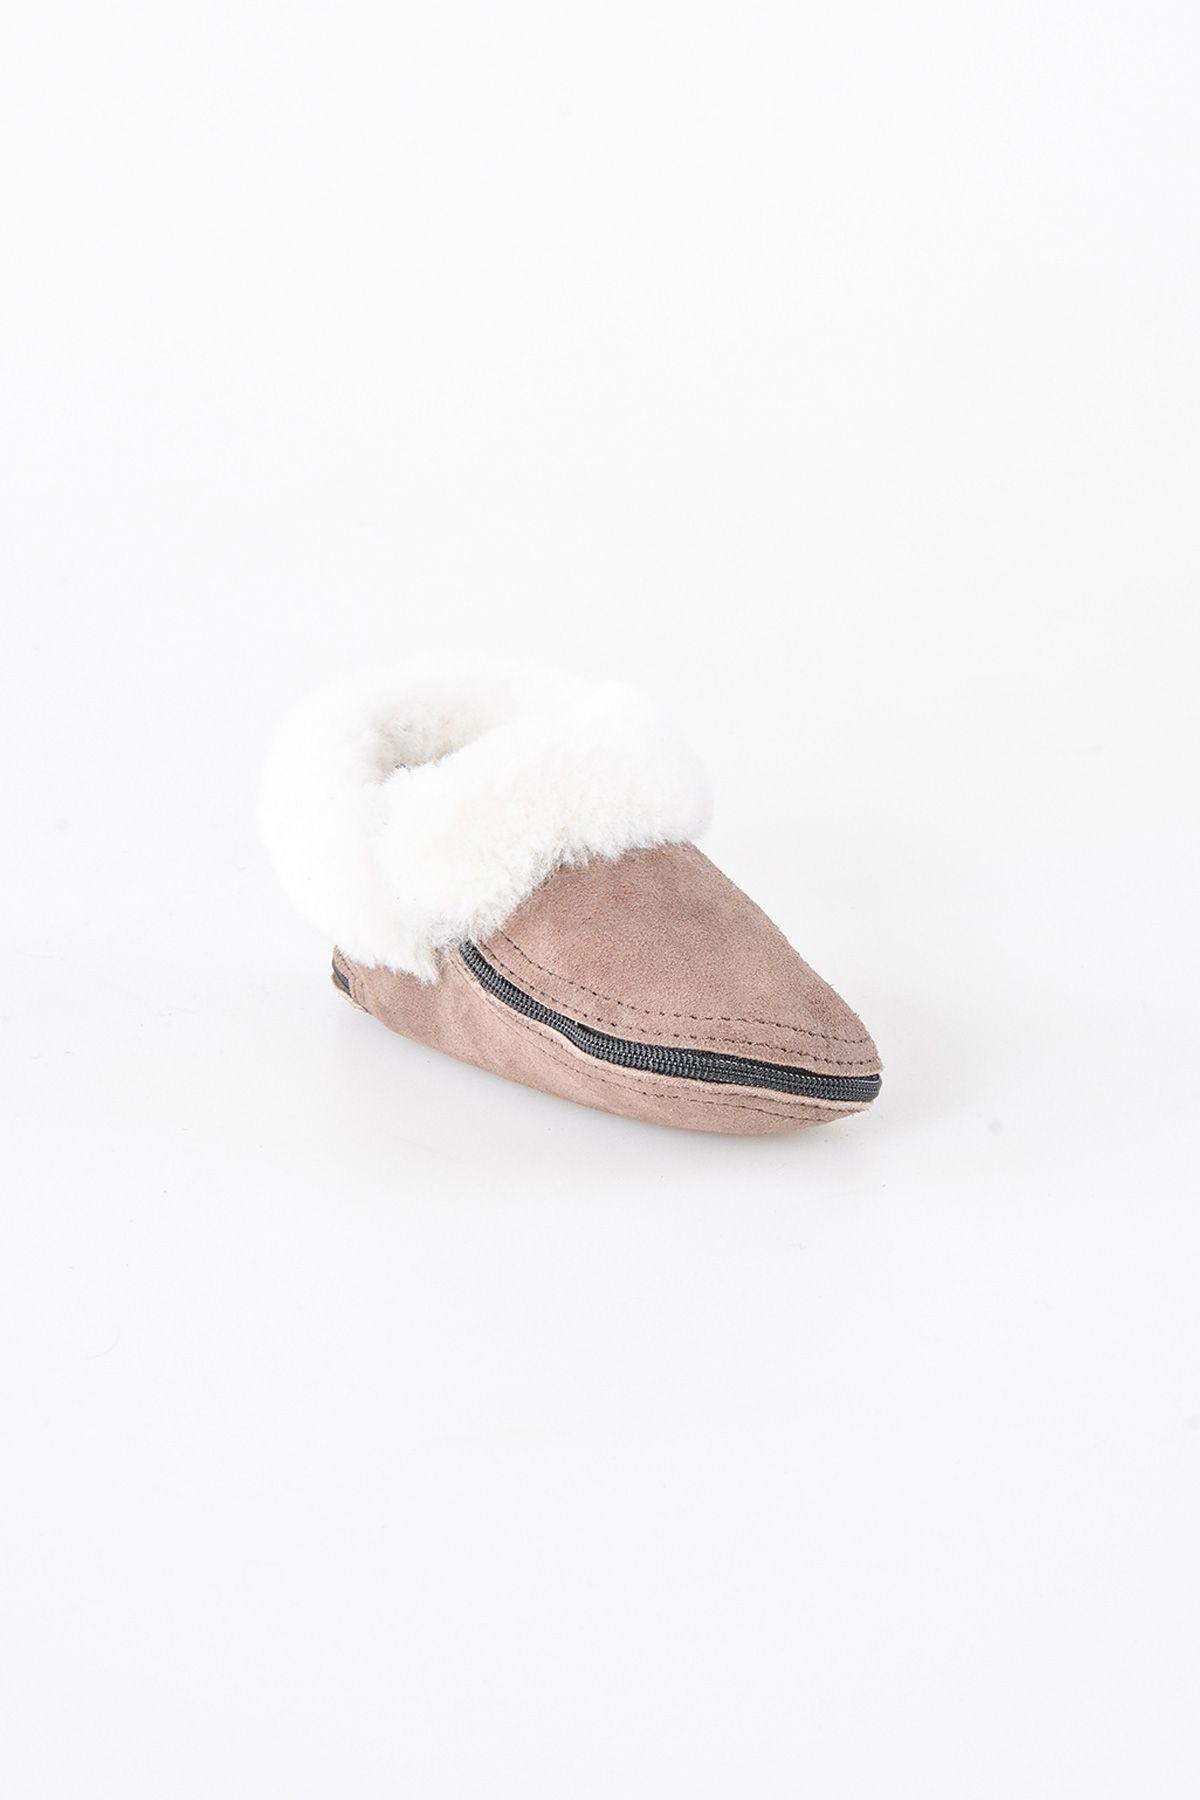 Pegia Hakiki Kürk Fermuarlı Çocuk Ev Ayakkabısı 990308 Vizon